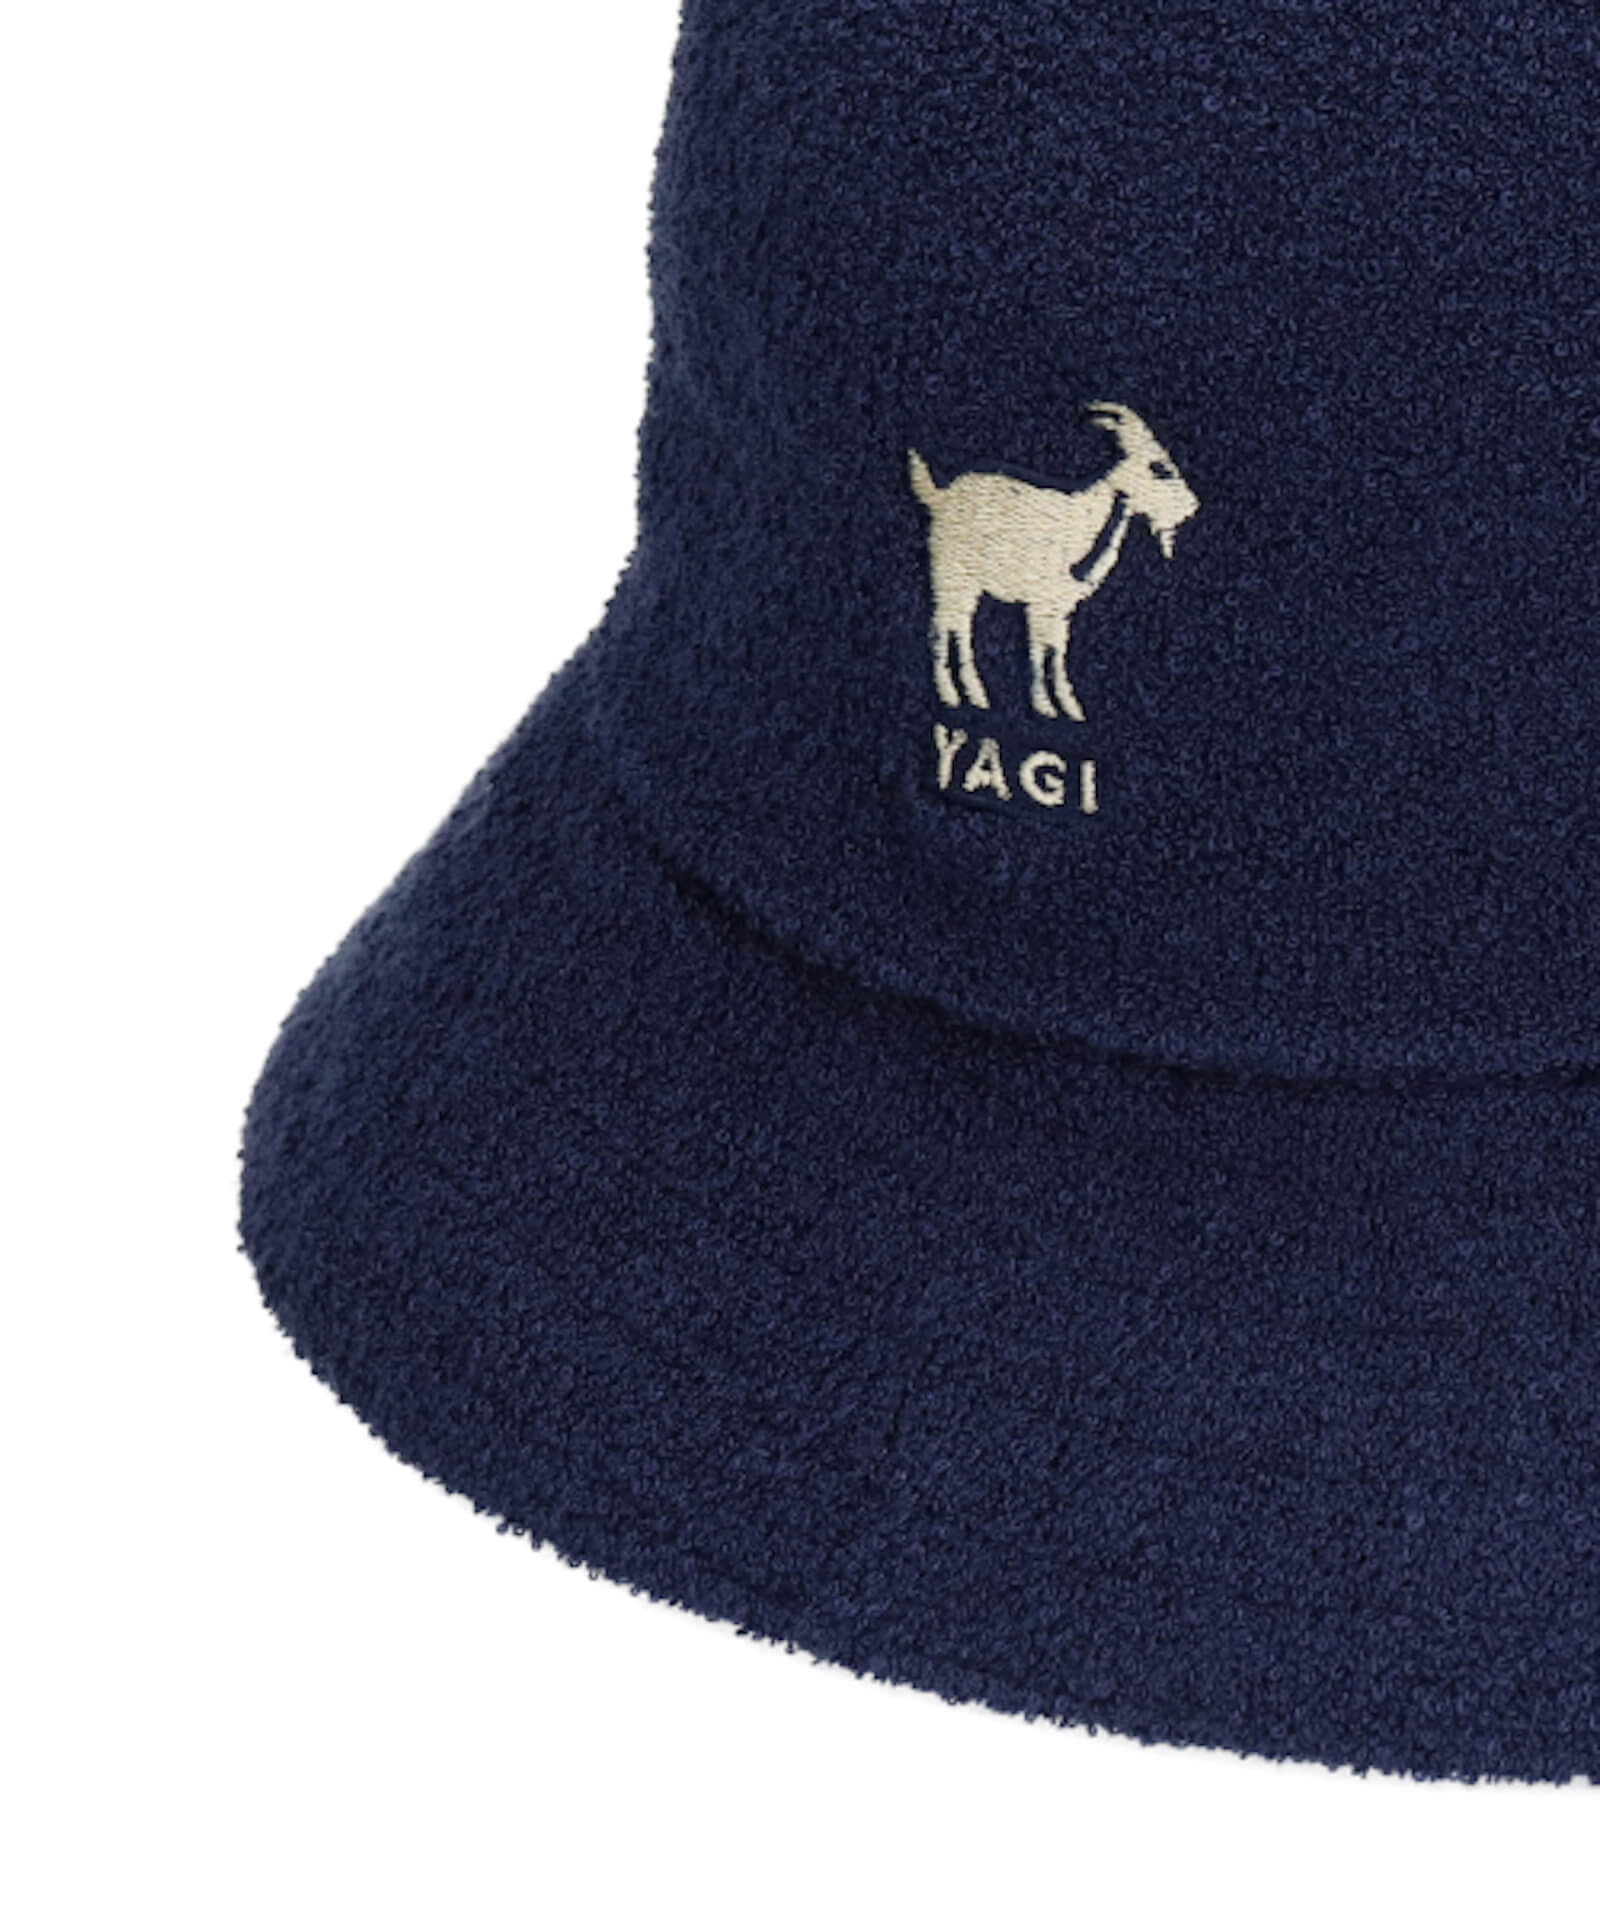 KANGOLがオカモトレイジ率いる「YAGI EXHIBITION」とコラボ|YAGIを配したオリジナルハット発売 life200302_yagi_kangol_8